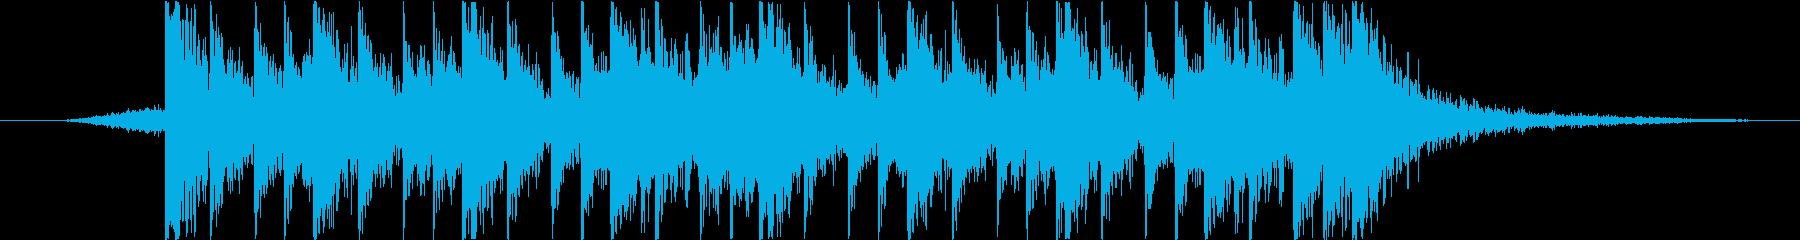 迫力のある太鼓の再生済みの波形